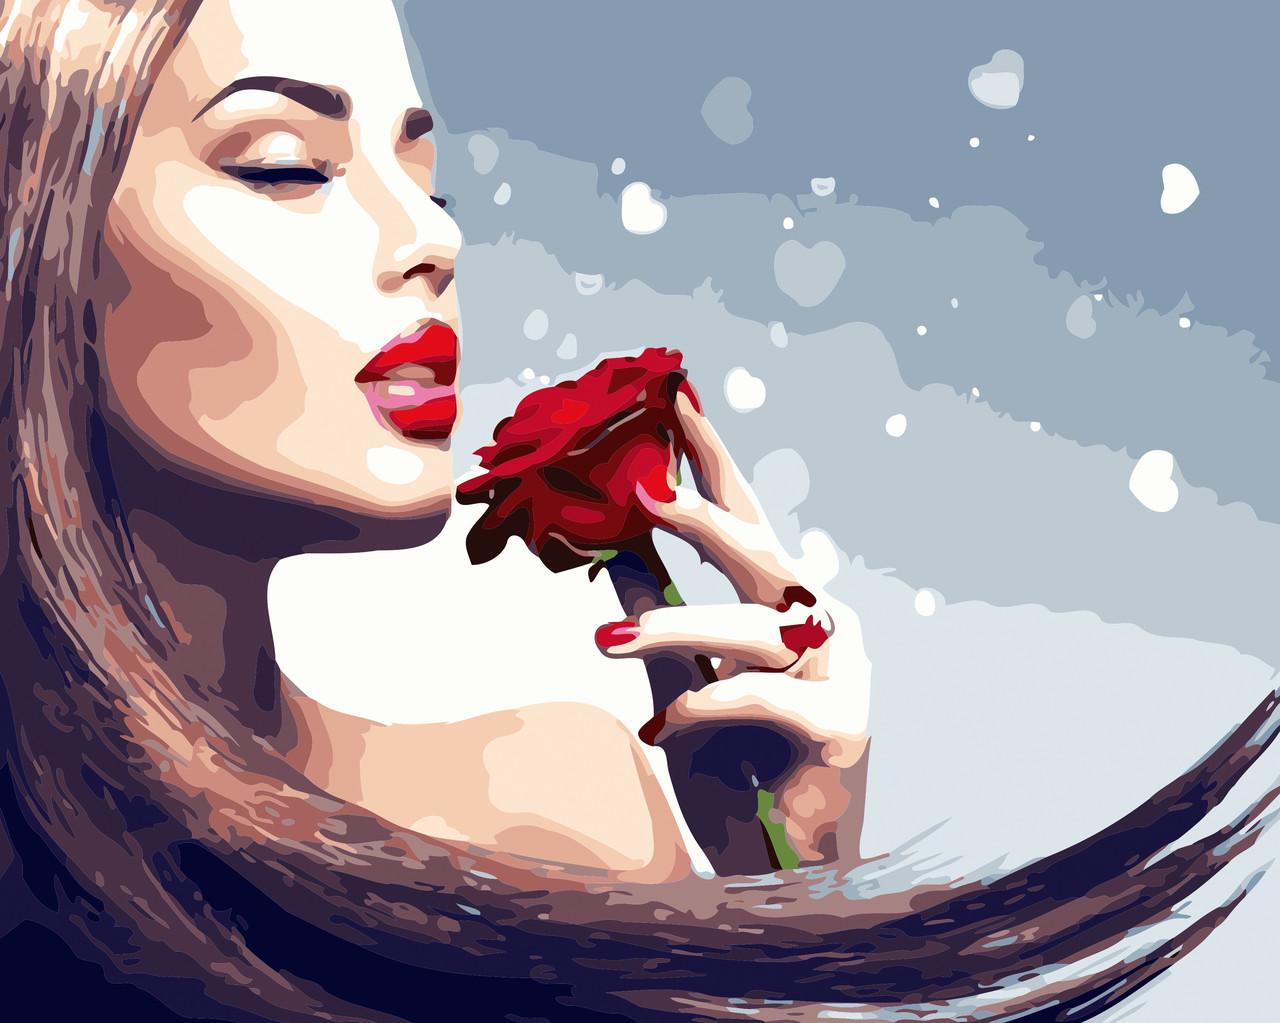 Художественный творческий набор, картина по номерам Аромат розы, 50x40 см, «Art Story» (AS0449)